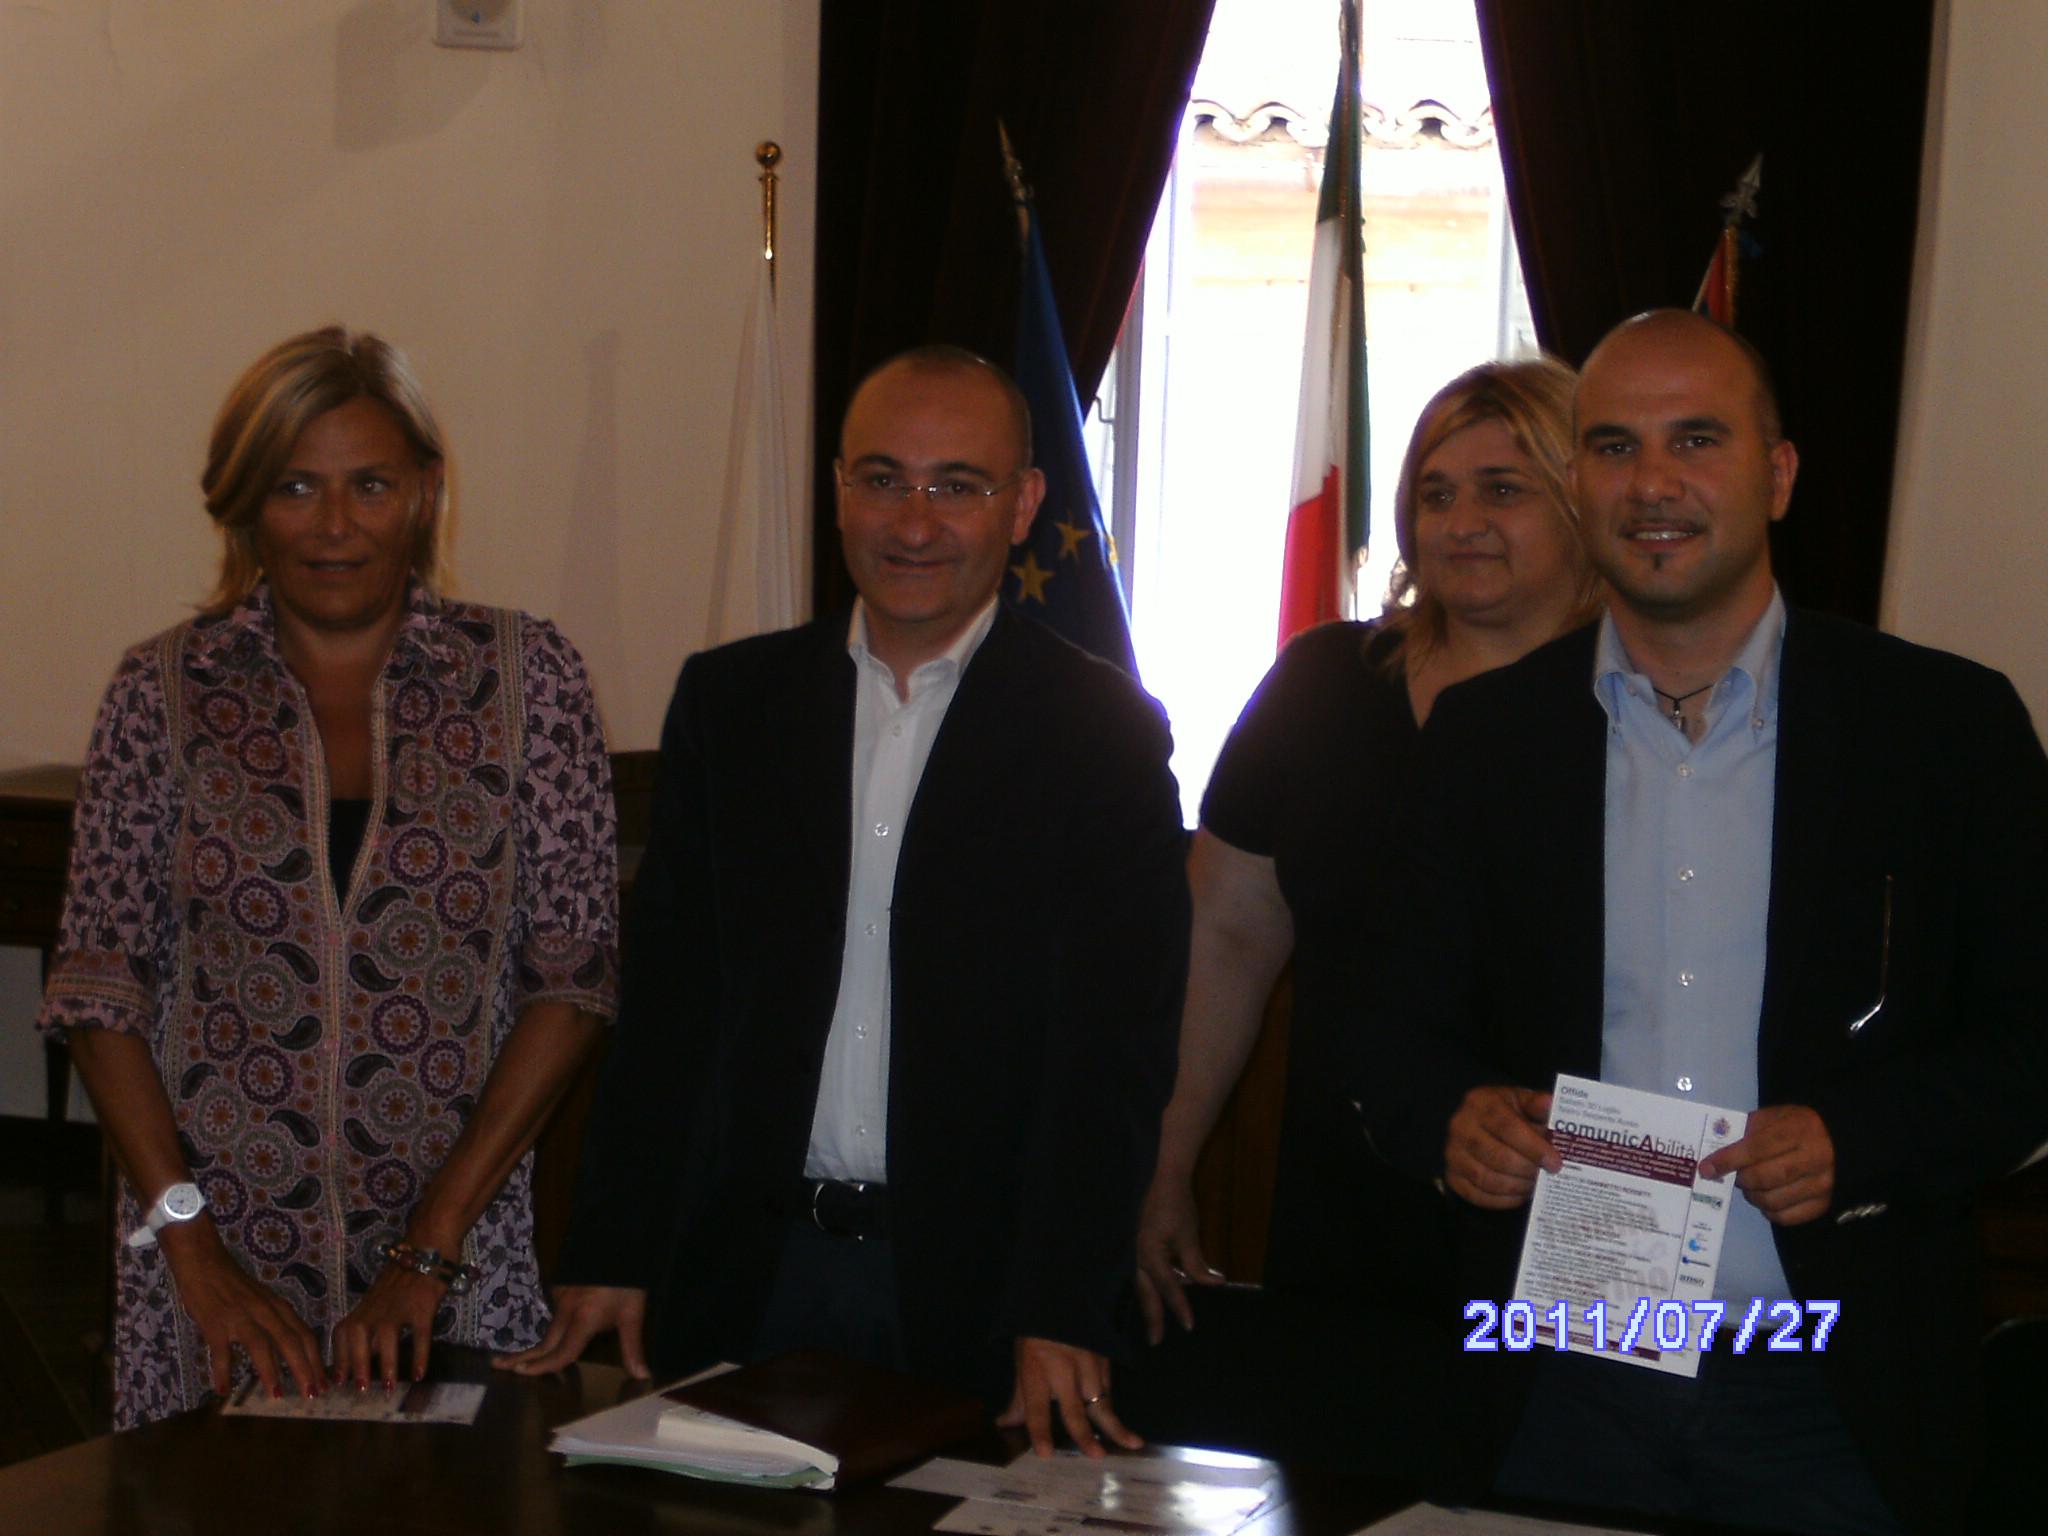 Simona Chiovini, Piero Antimiani, Sonia Marcozzi, Valerio Lucciarini